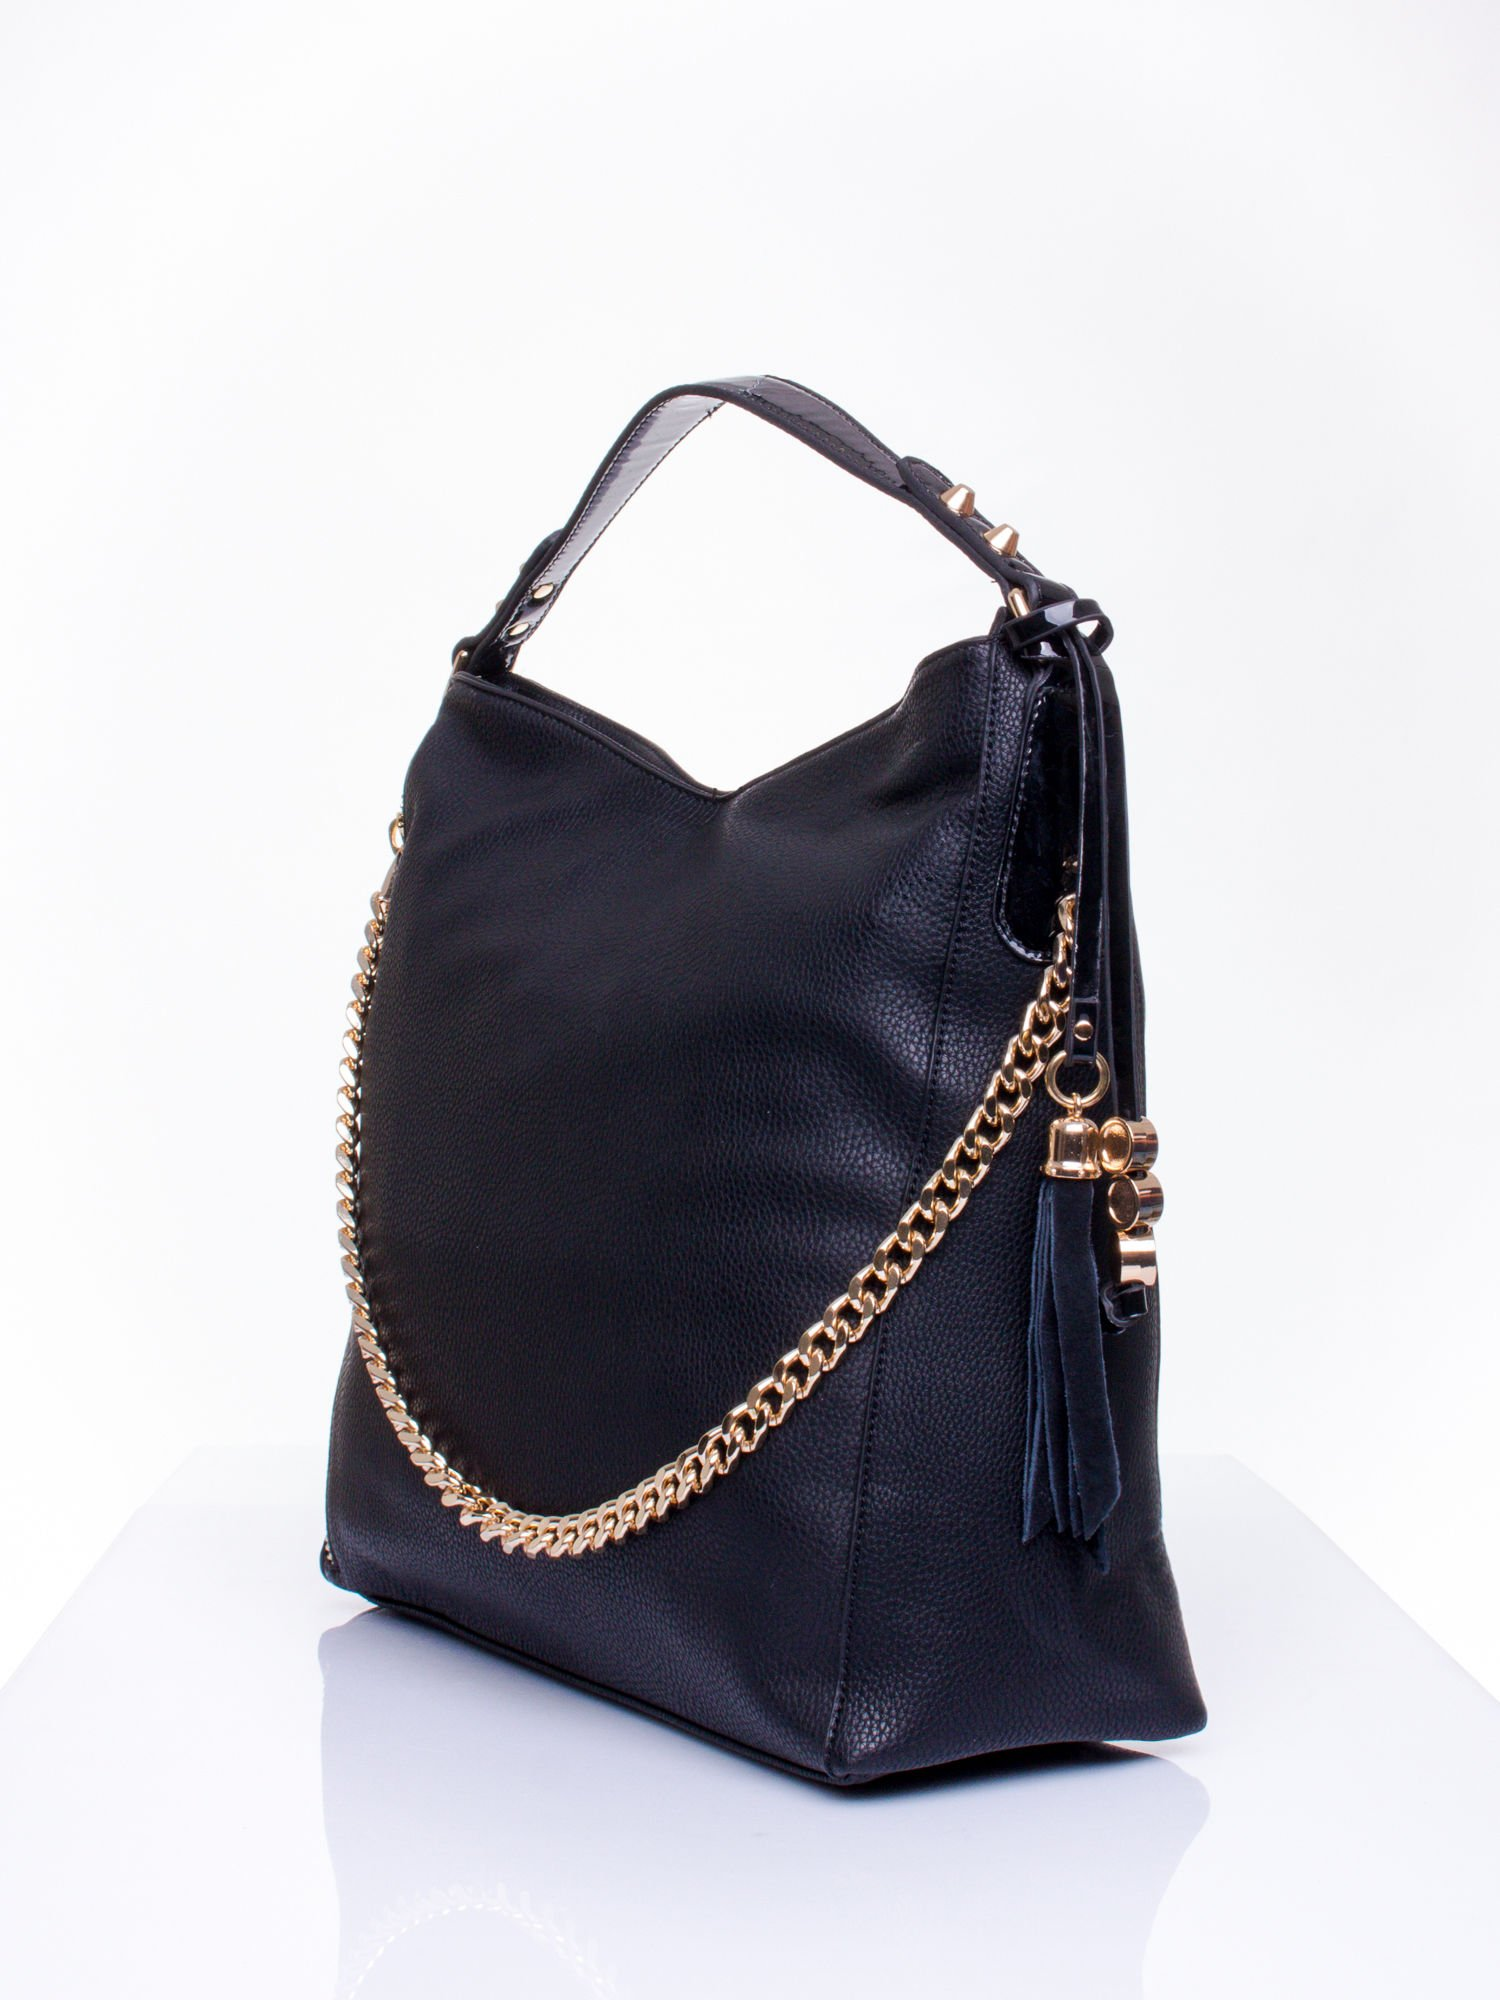 Czarna torba hobo ze złotym łańcuchem i chwostem                                  zdj.                                  2